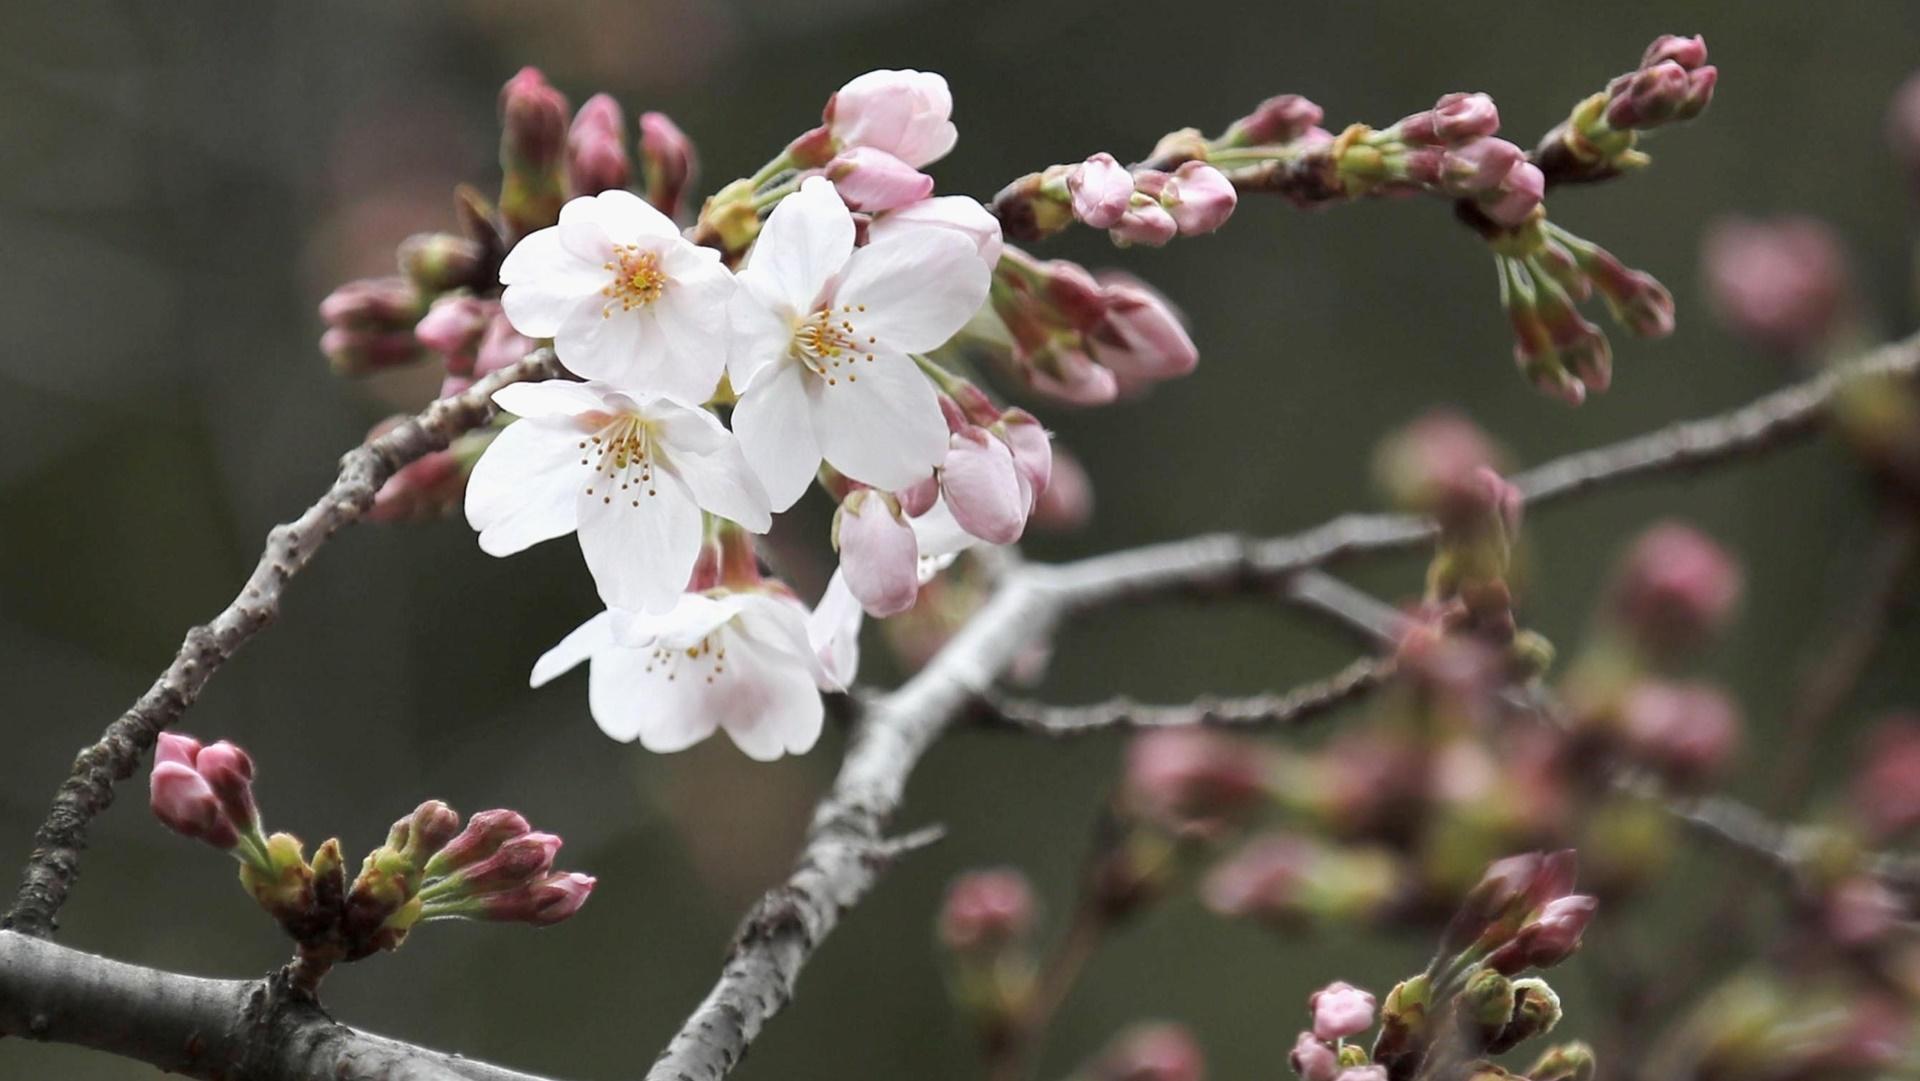 Hoa anh đào xuất hiện vào mùa xuân